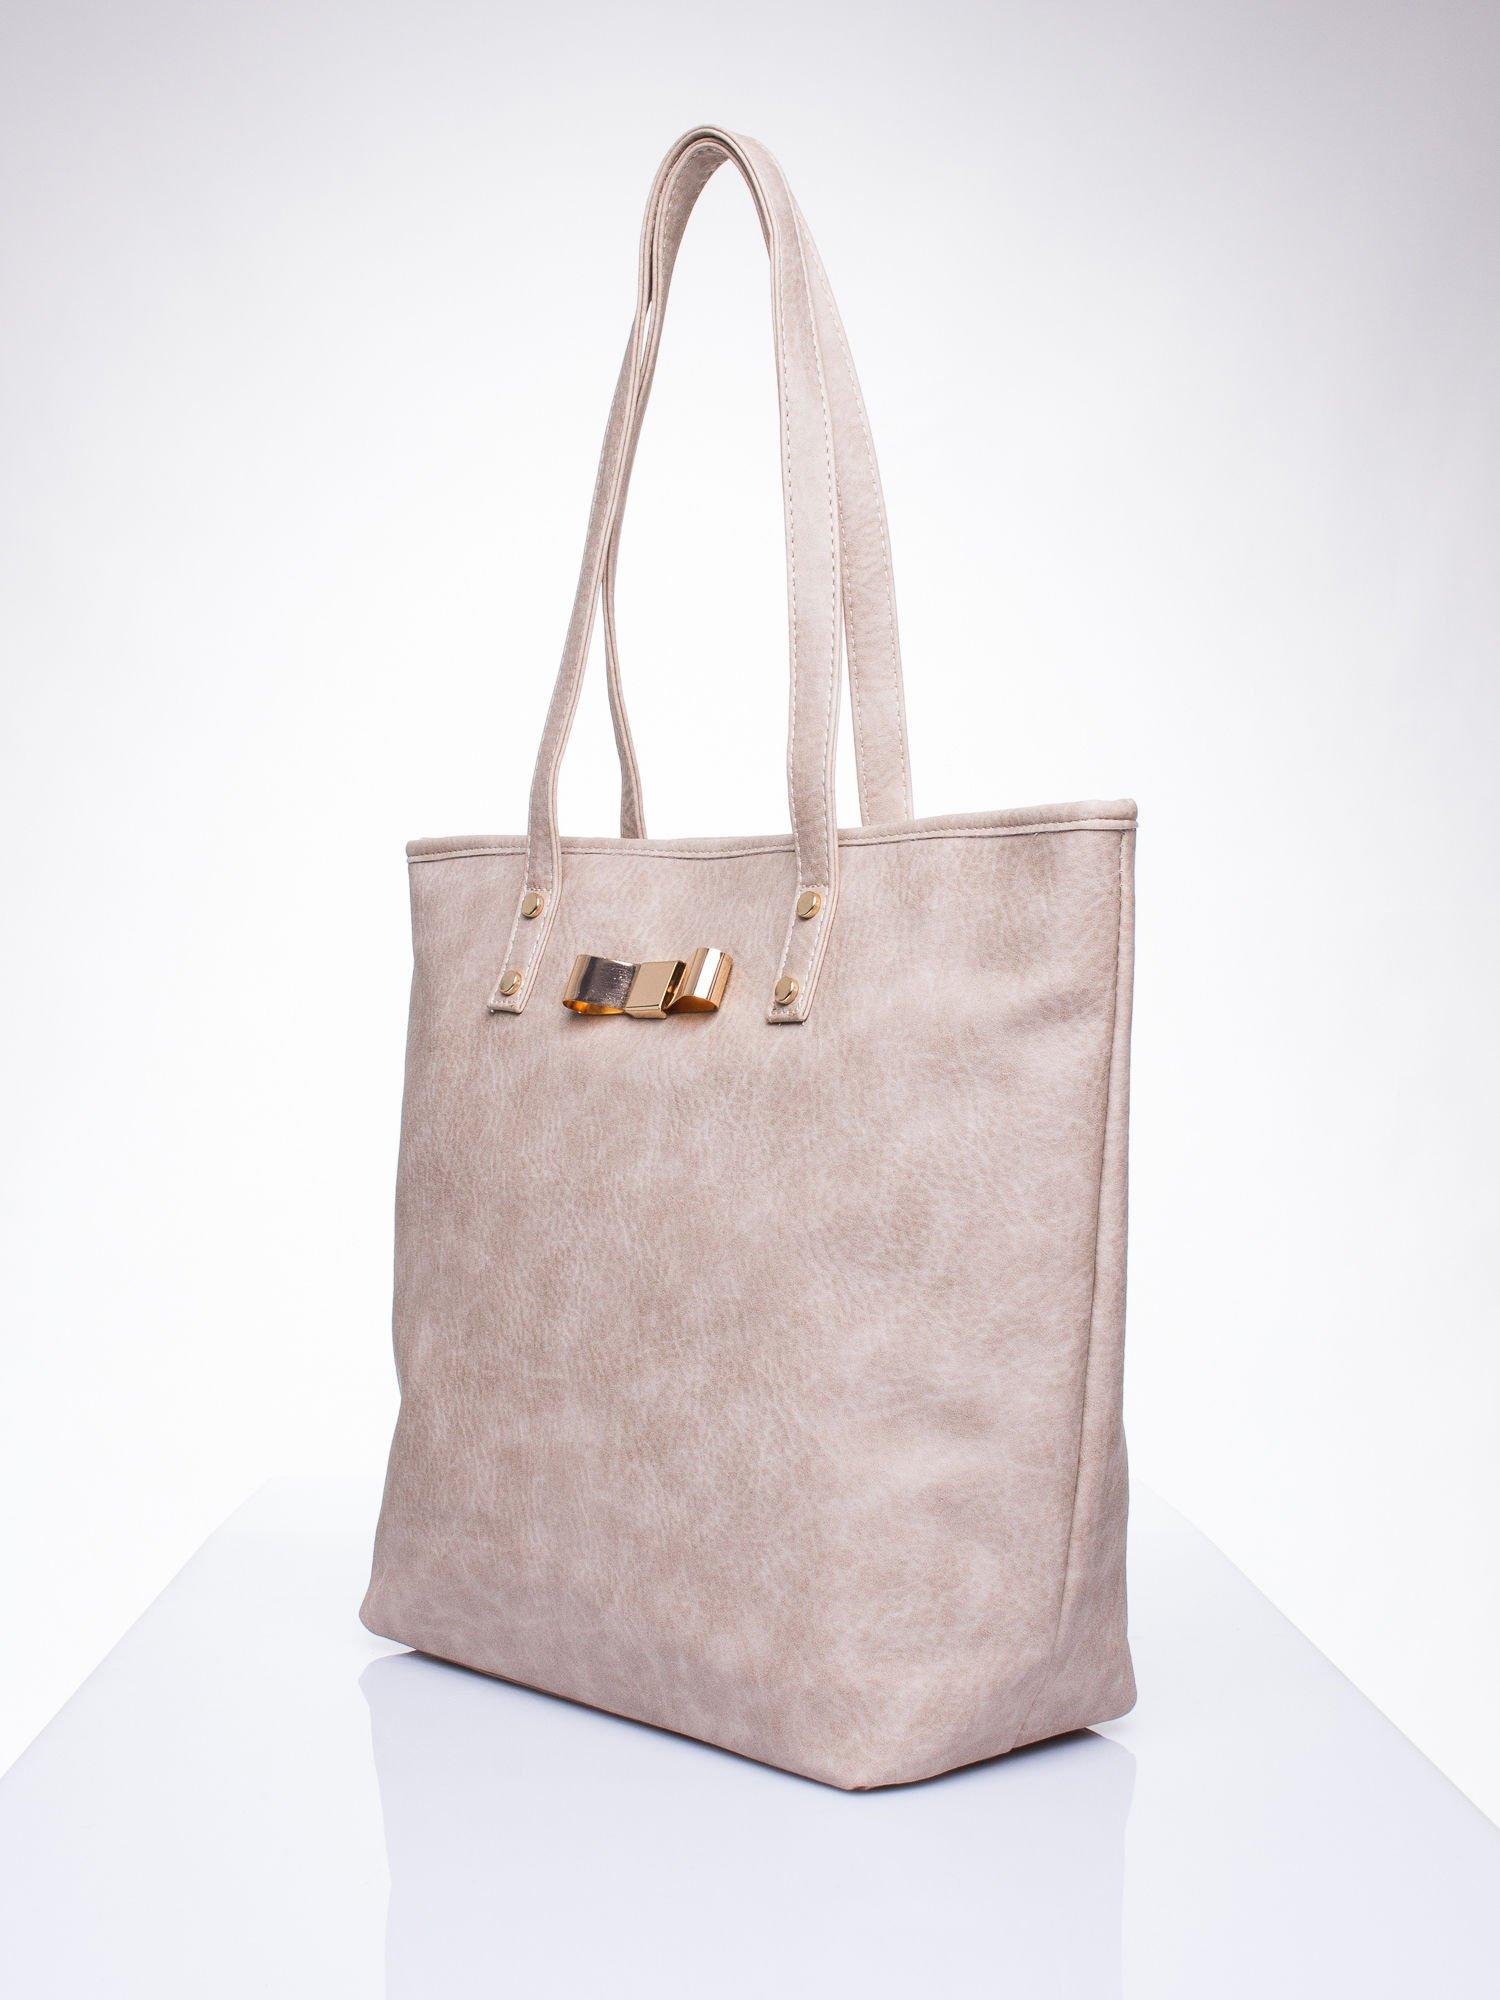 Beżowa torebka shopper bag z kokardką                                  zdj.                                  2